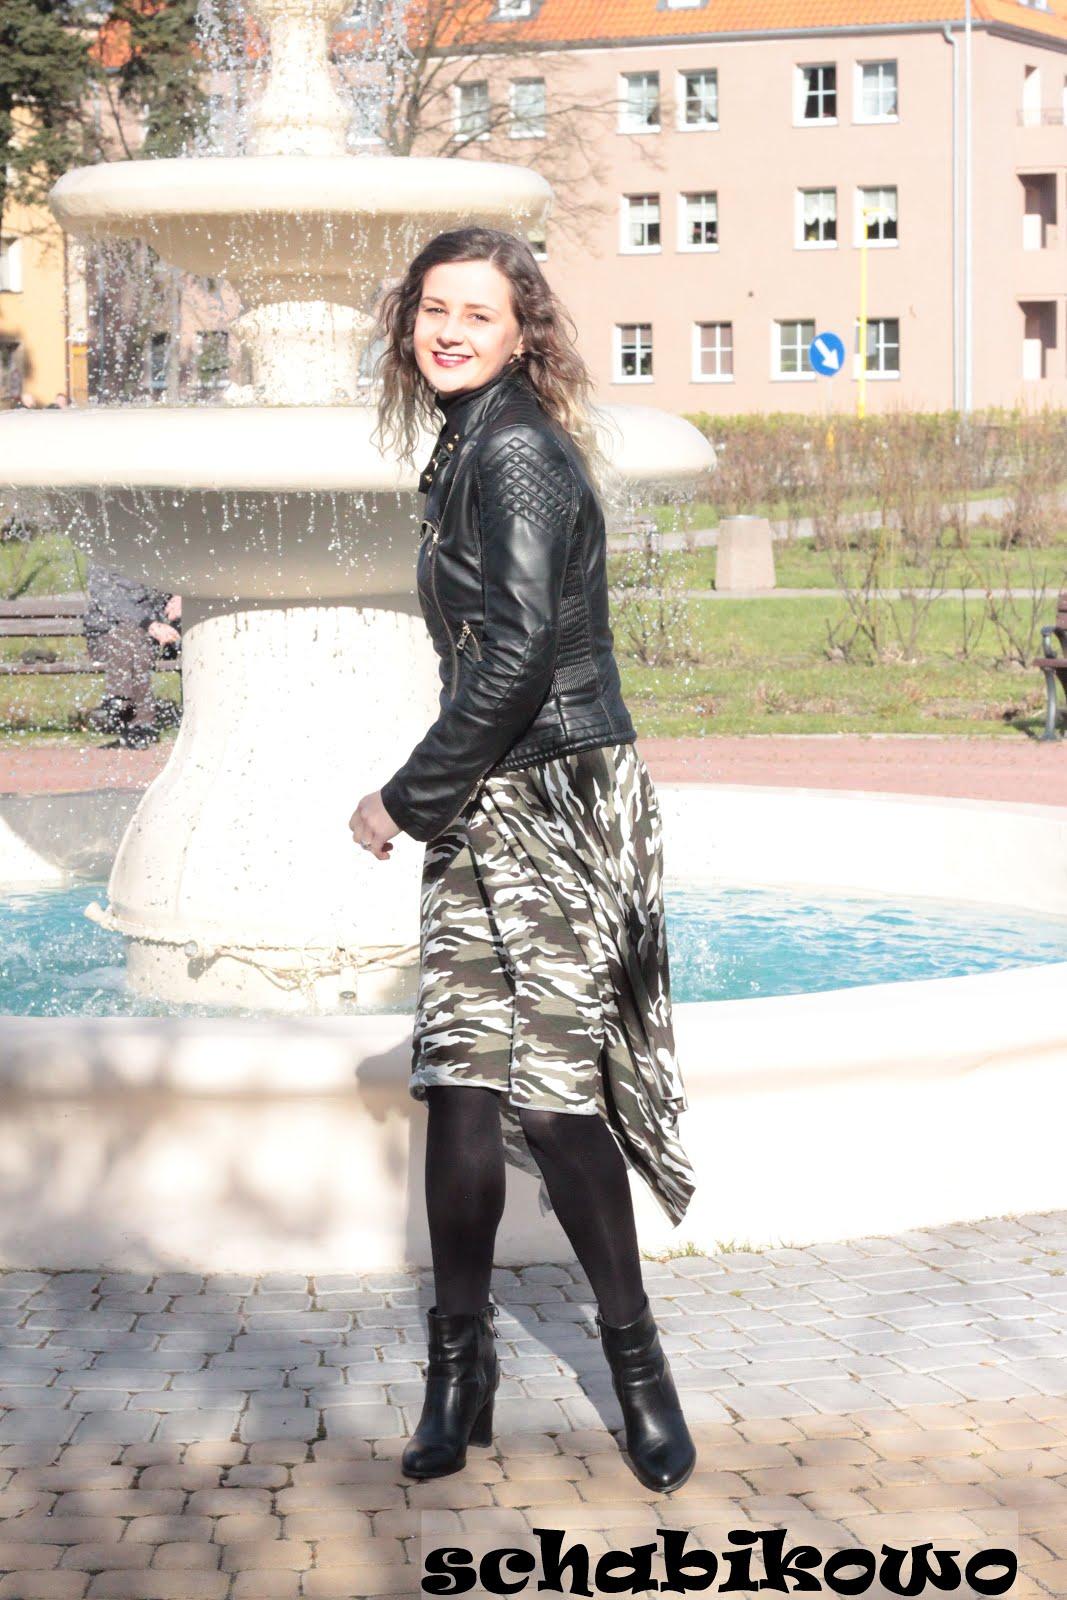 bb009a8d Schabikowo : Spódnica po kwadracie.